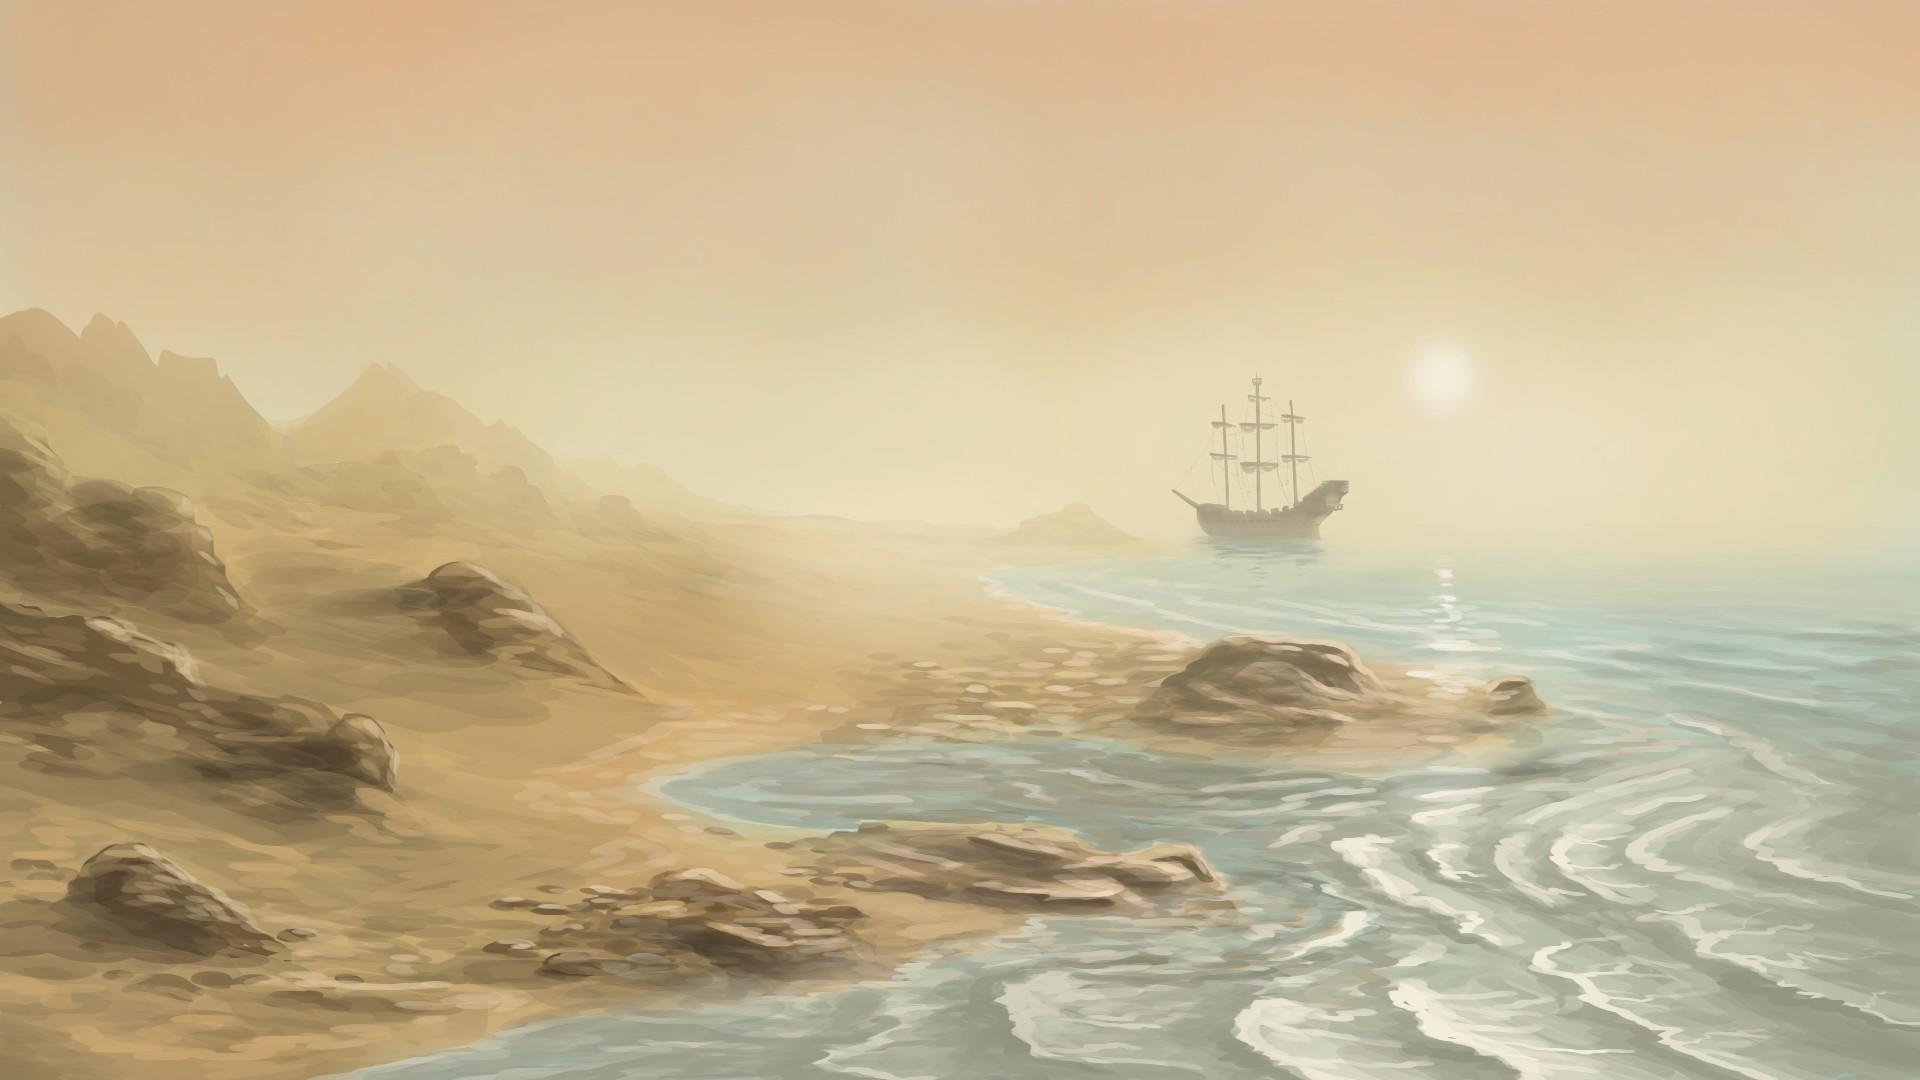 Zach soza iron coast concept dusk